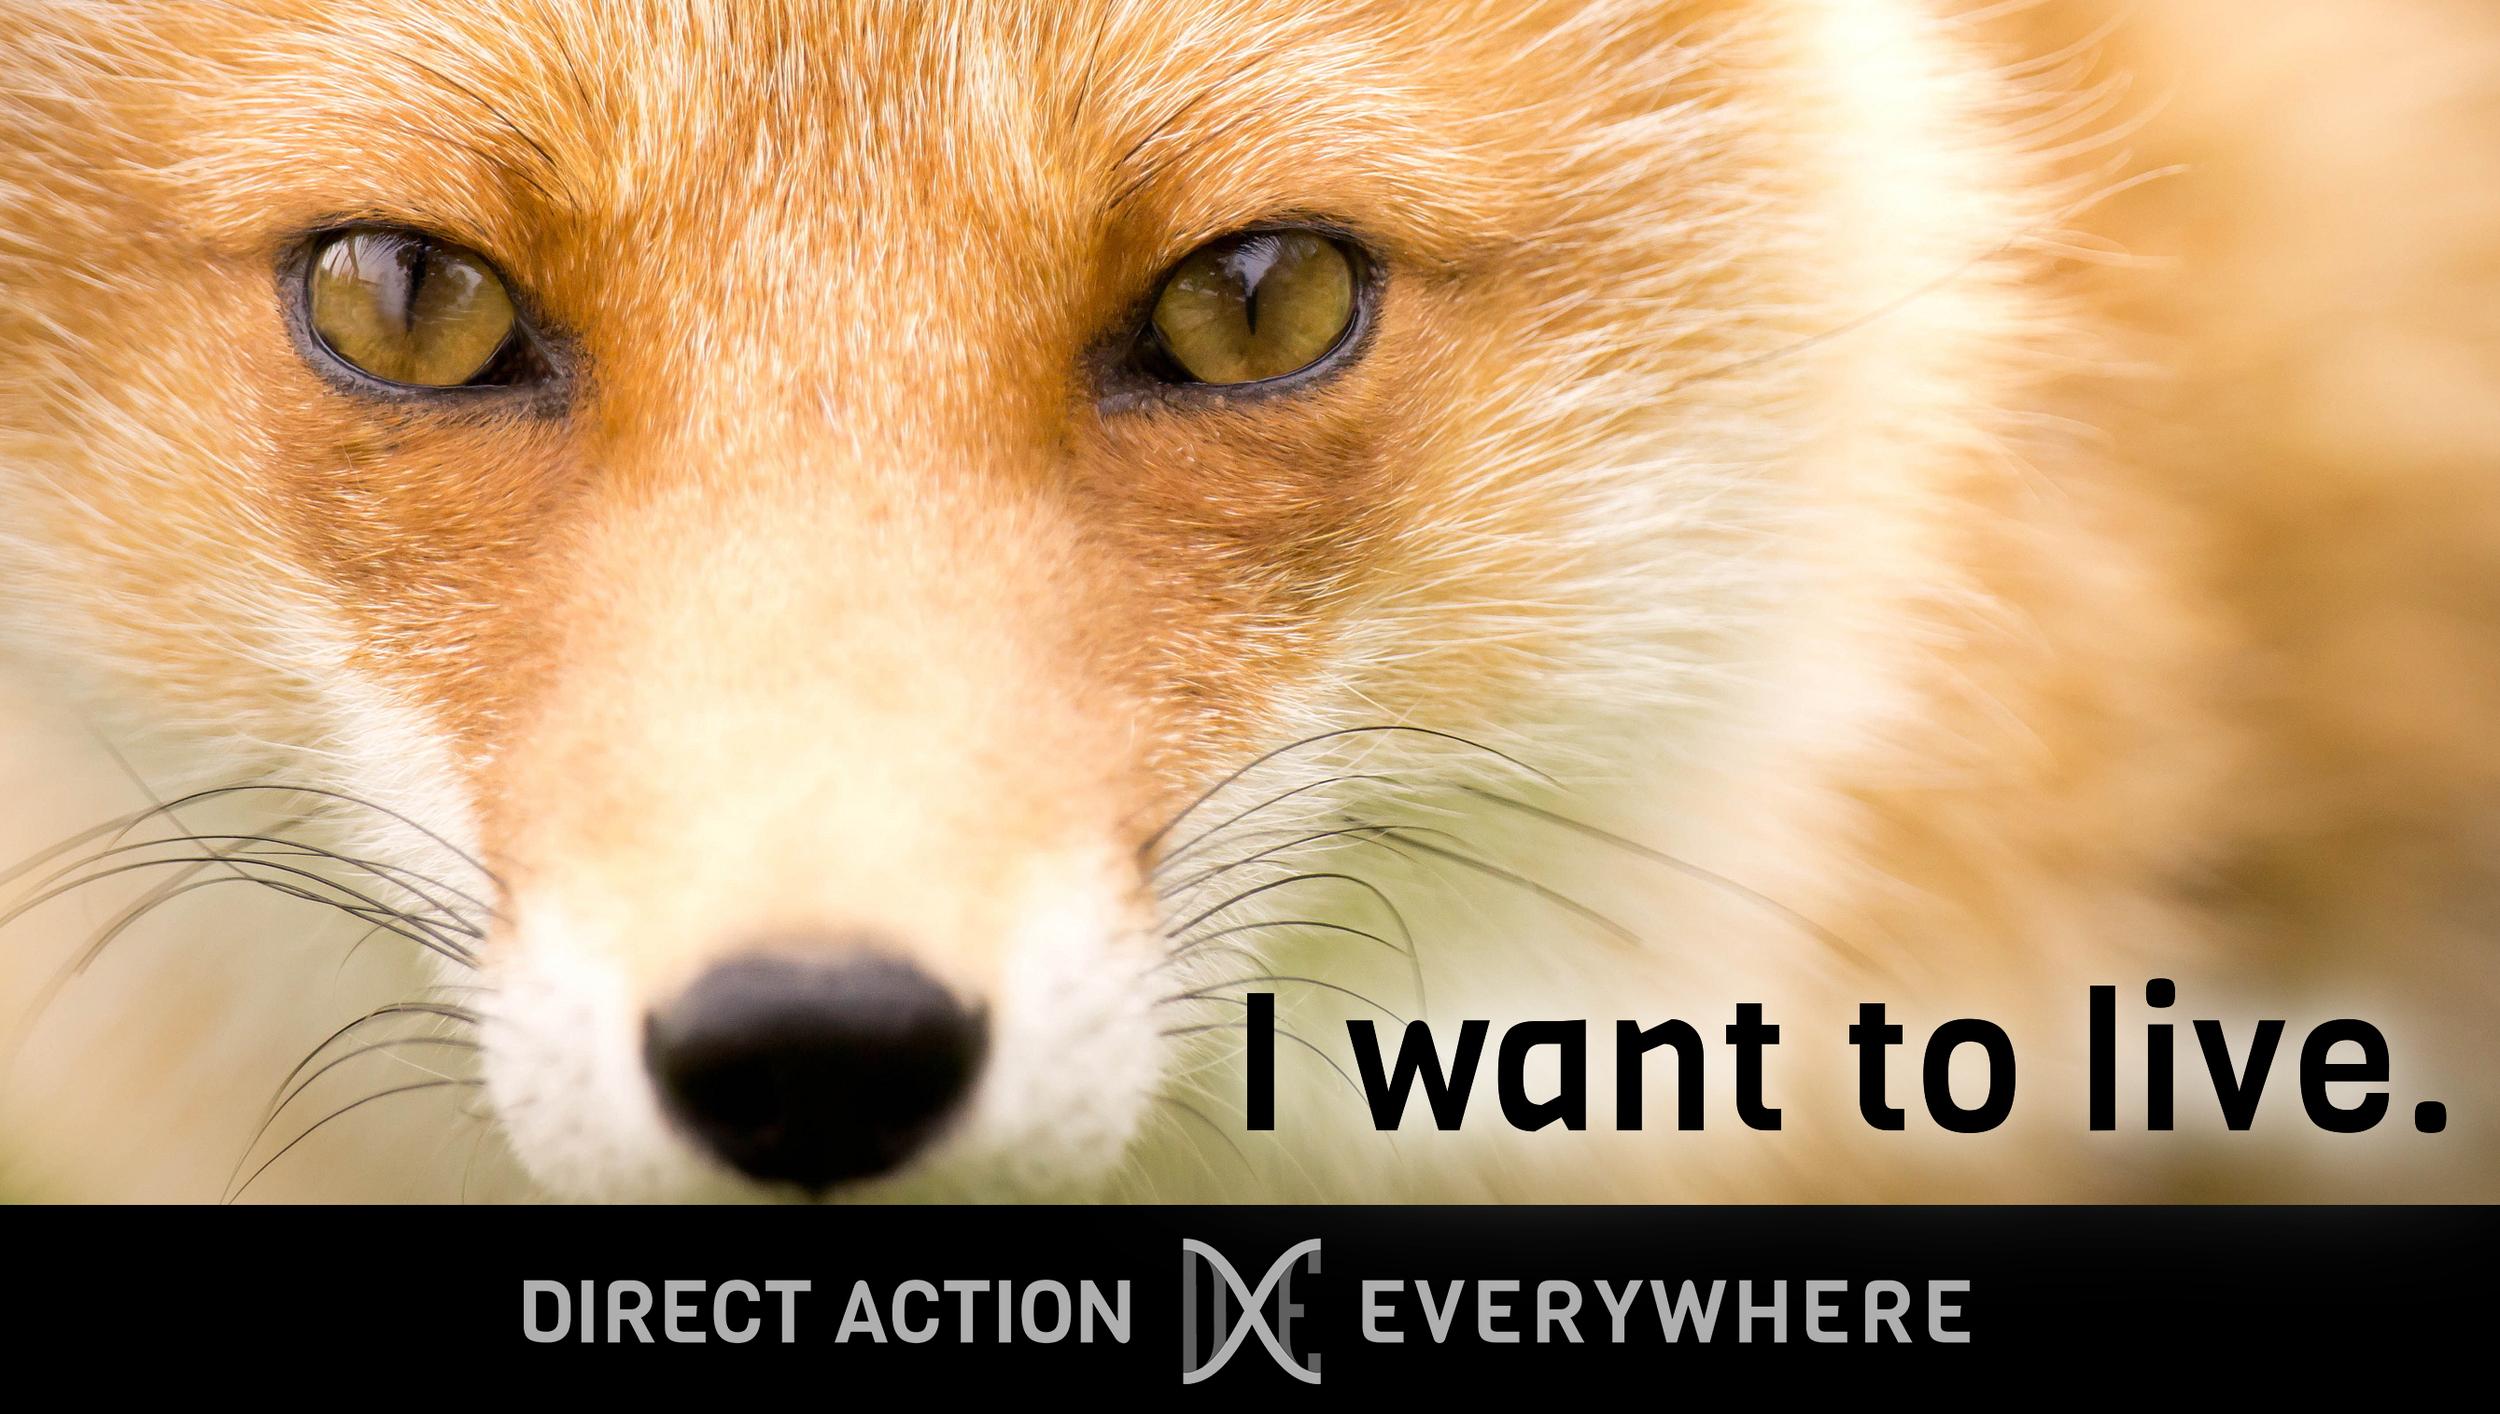 iwanttolive_fox2.jpg